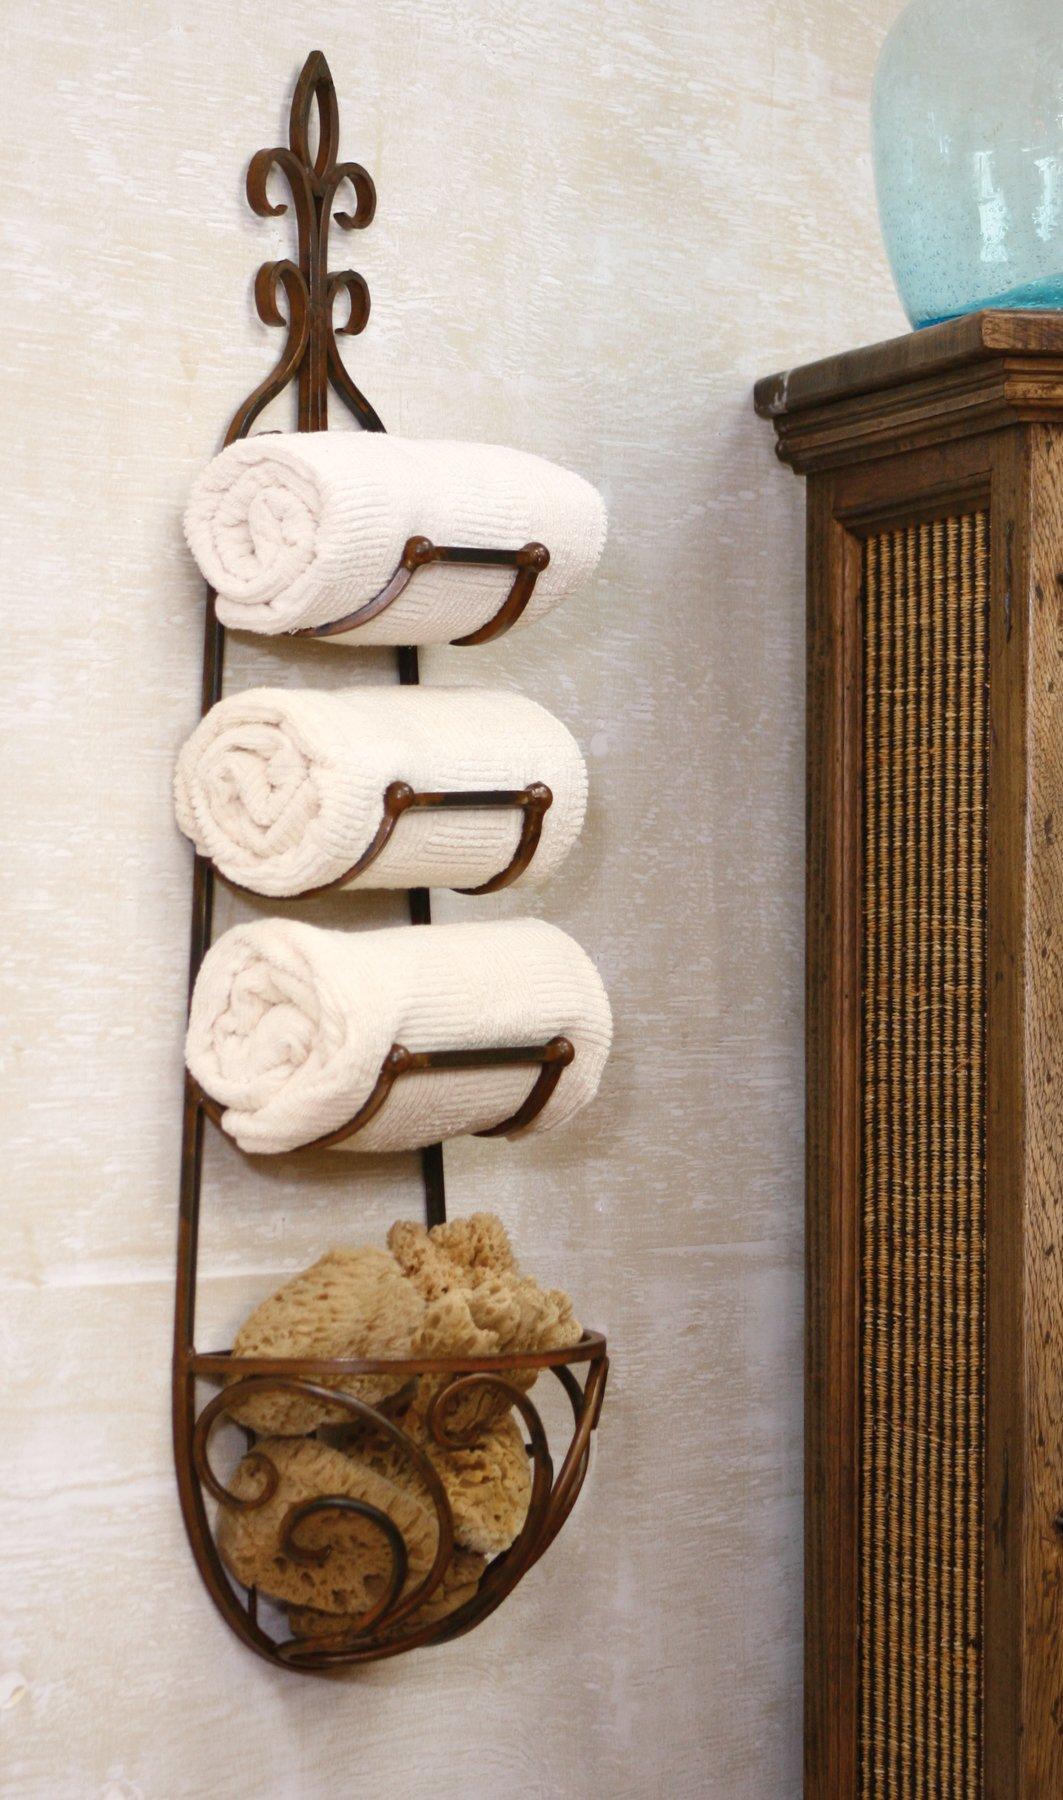 Kalalou CQ1024 Rustic Iron Hanging Towel Rack w/ Basket